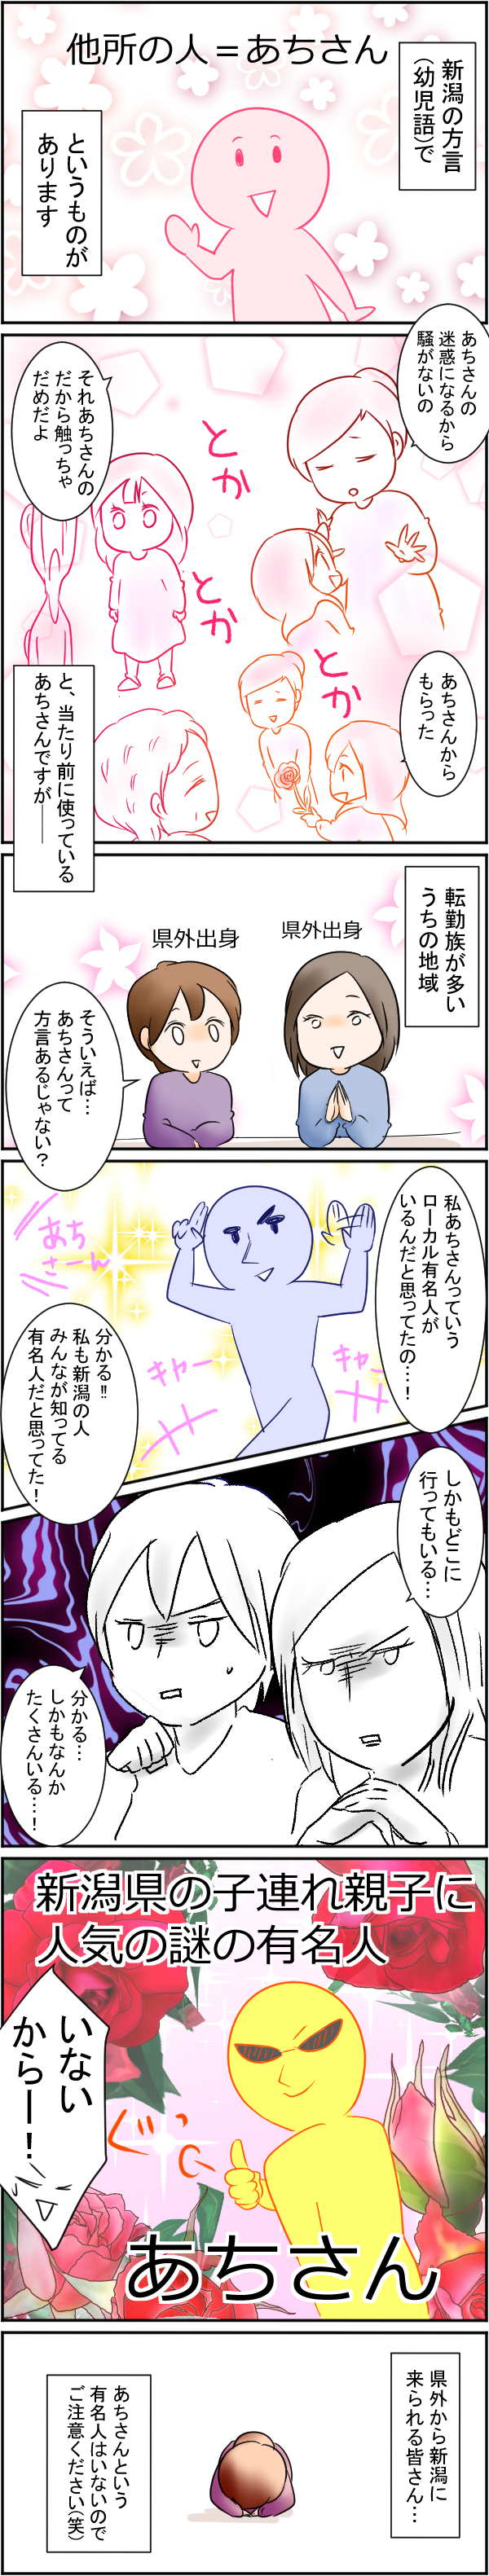 思わぬ誤解!?新潟方言の「あちさんの迷惑になるから…」が招いた混乱(笑)の画像1